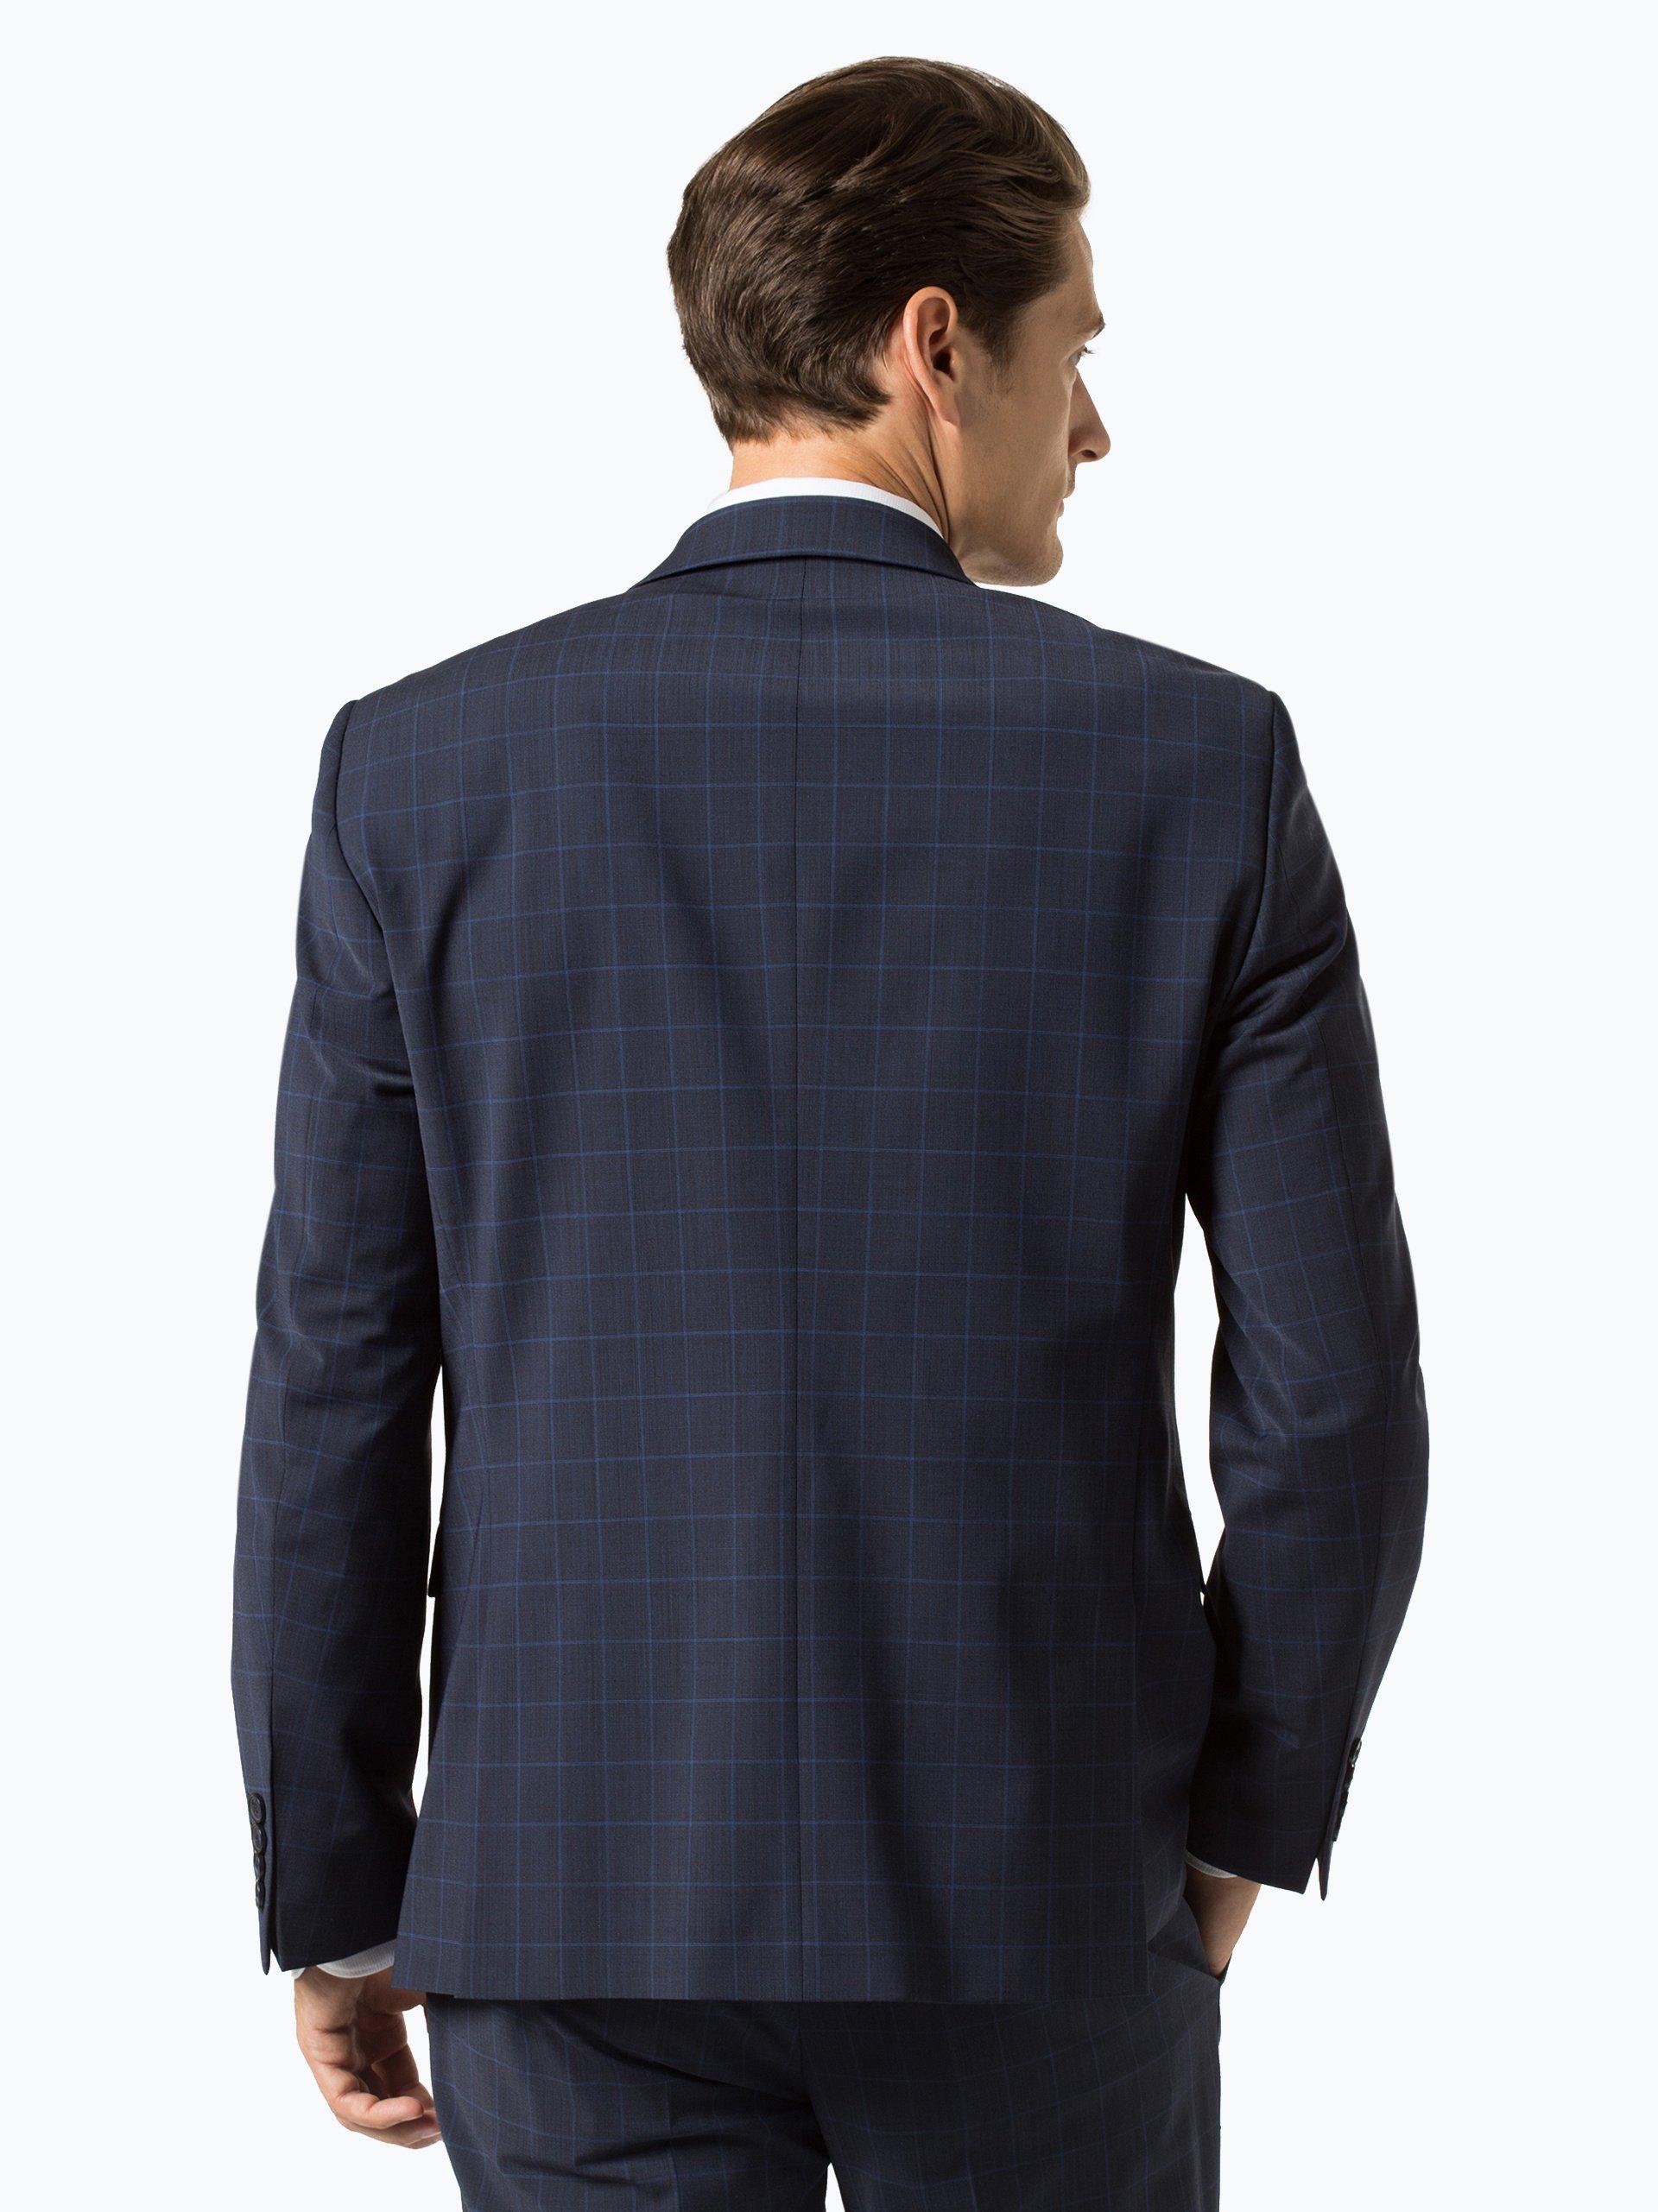 Pierre Cardin Herren Baukasten-Anzug